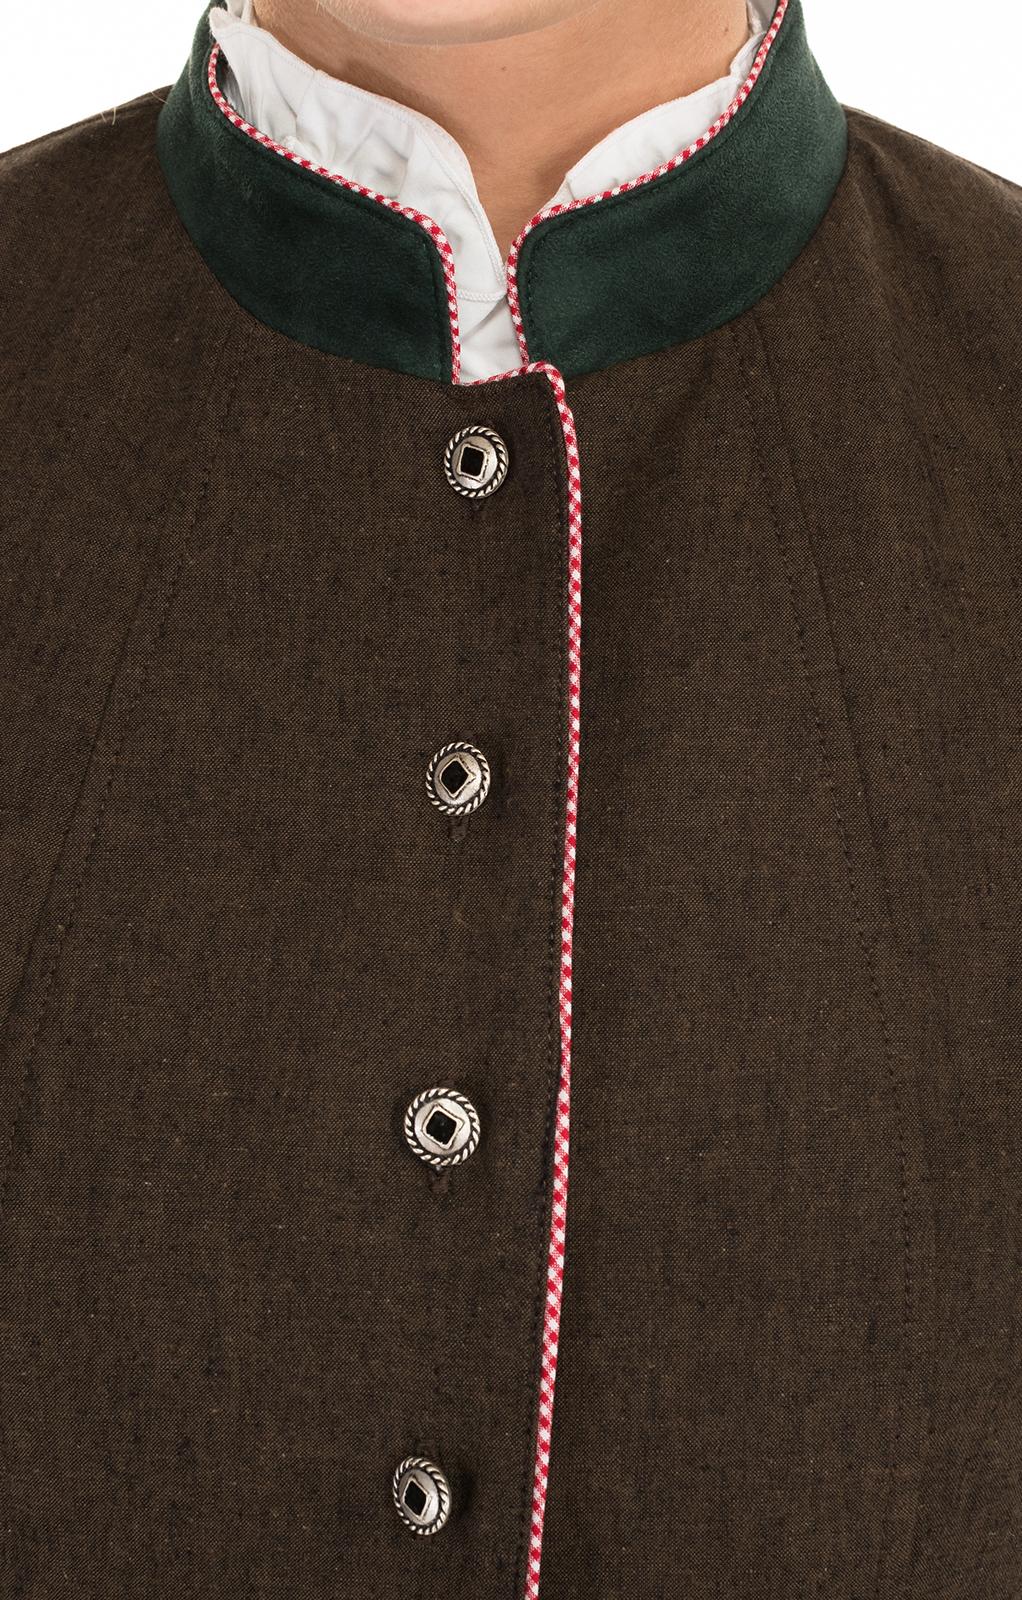 weitere Bilder von Trachtenjacke TARINA braun